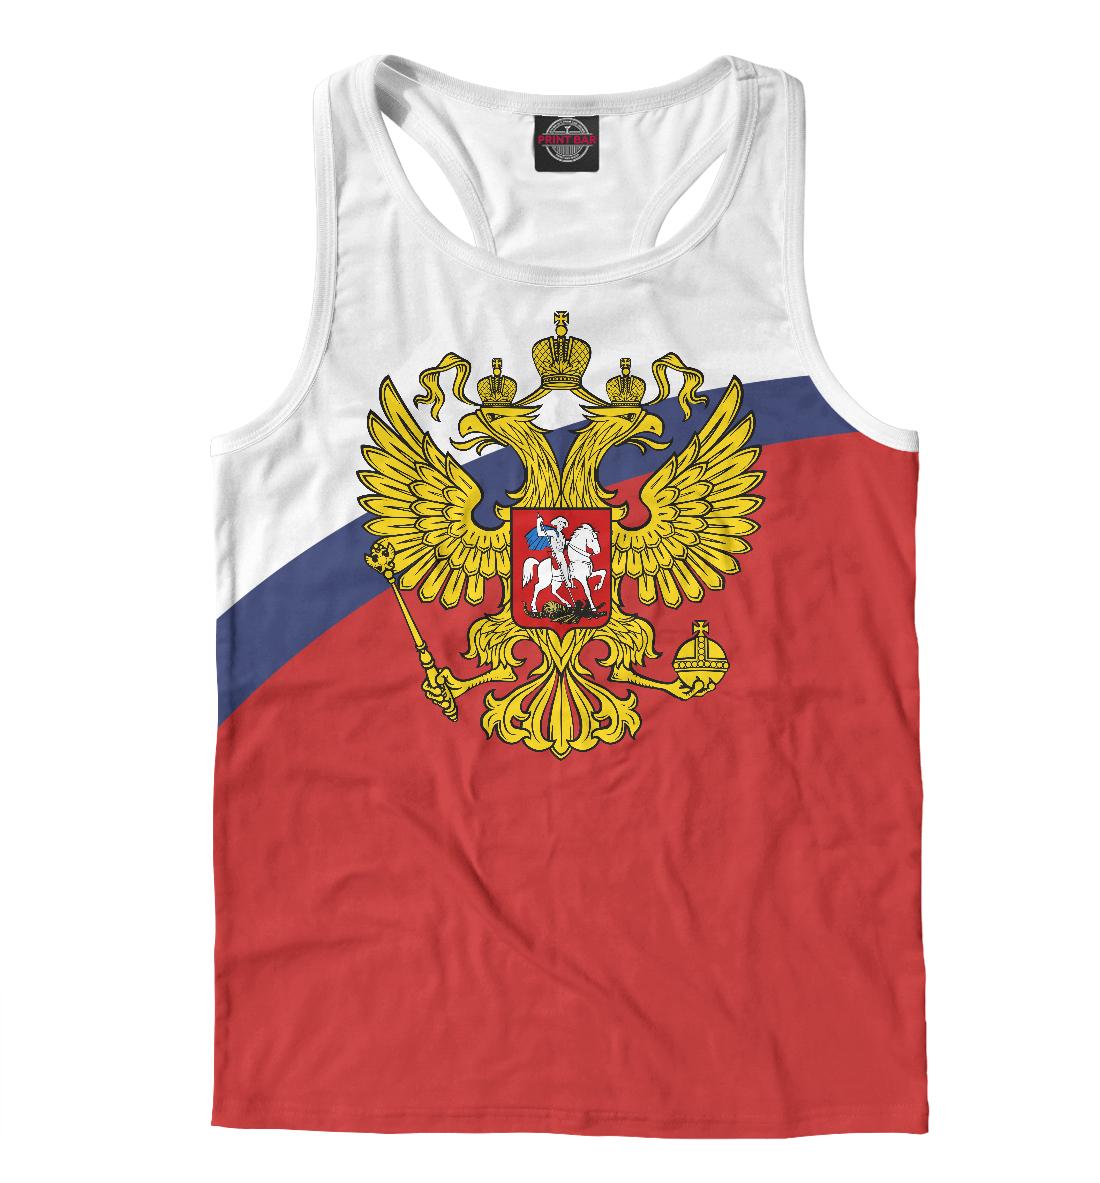 Купить Россия Триколор, Printbar, Майки борцовки, SRF-545841-mayb-2